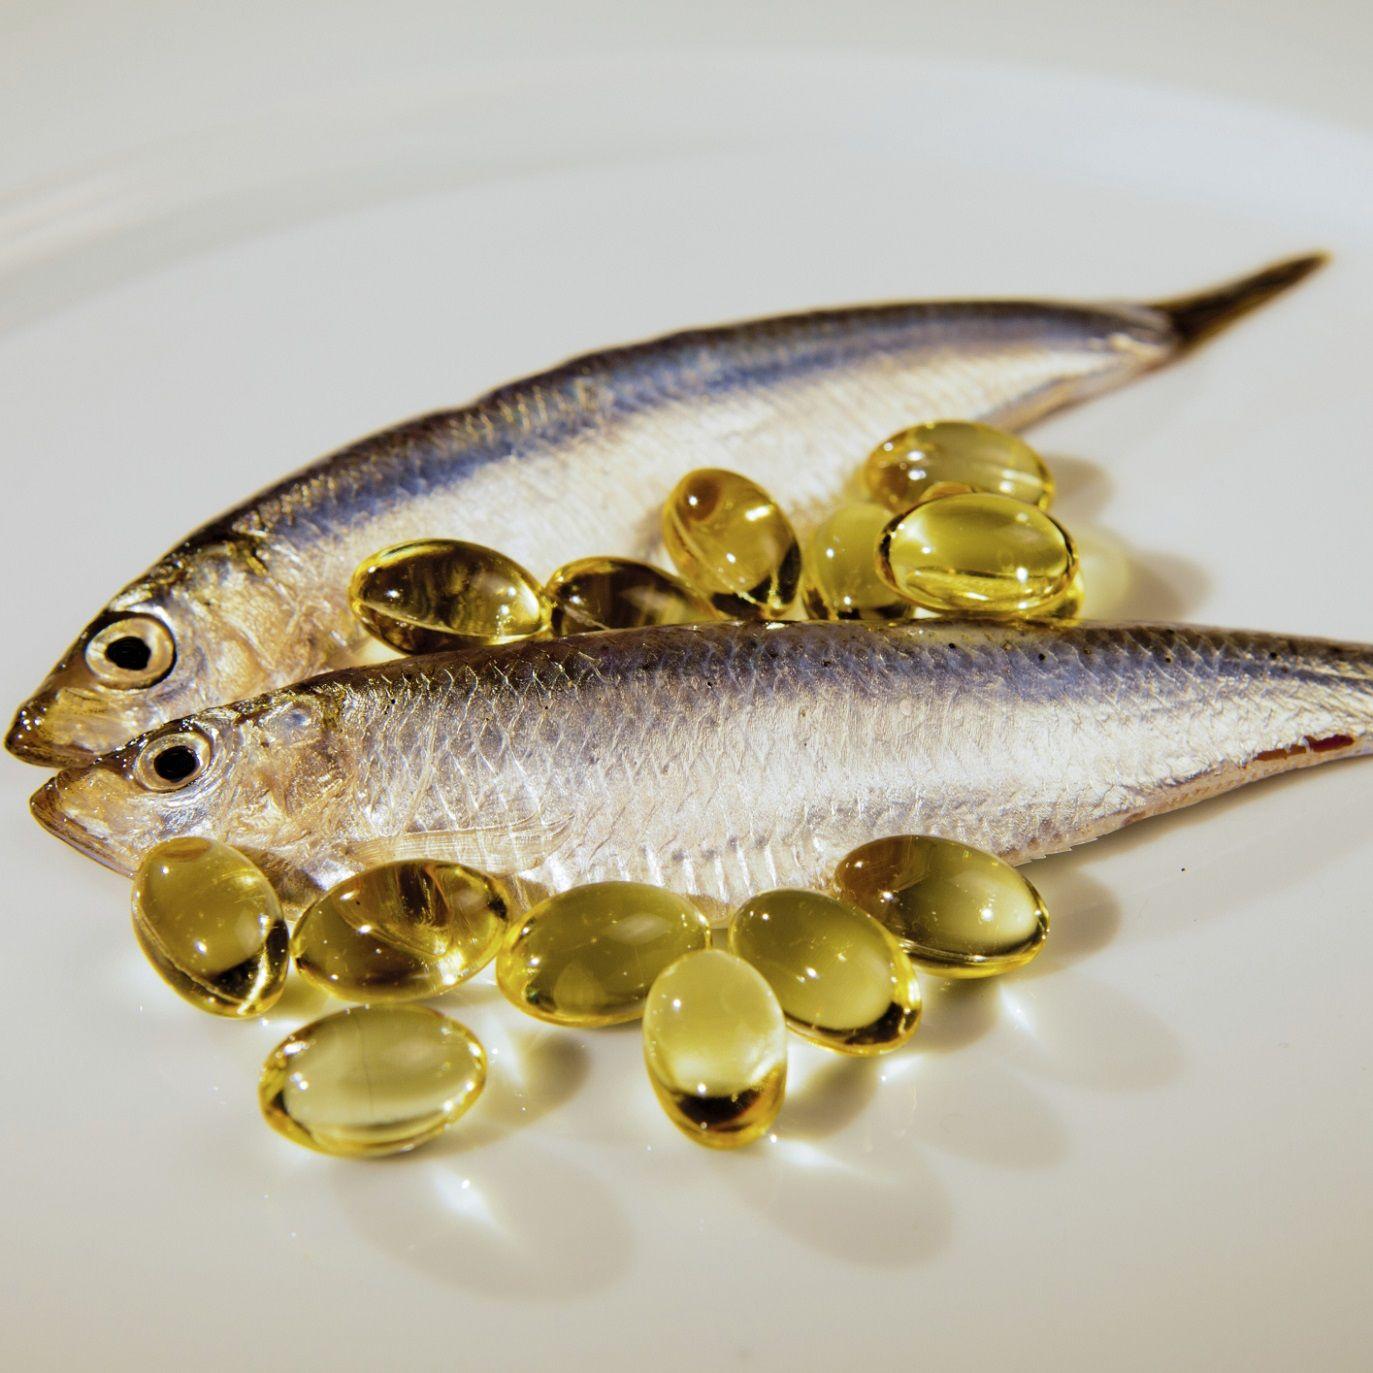 Balık Yağının Faydaları Zararları ve Kullanımı